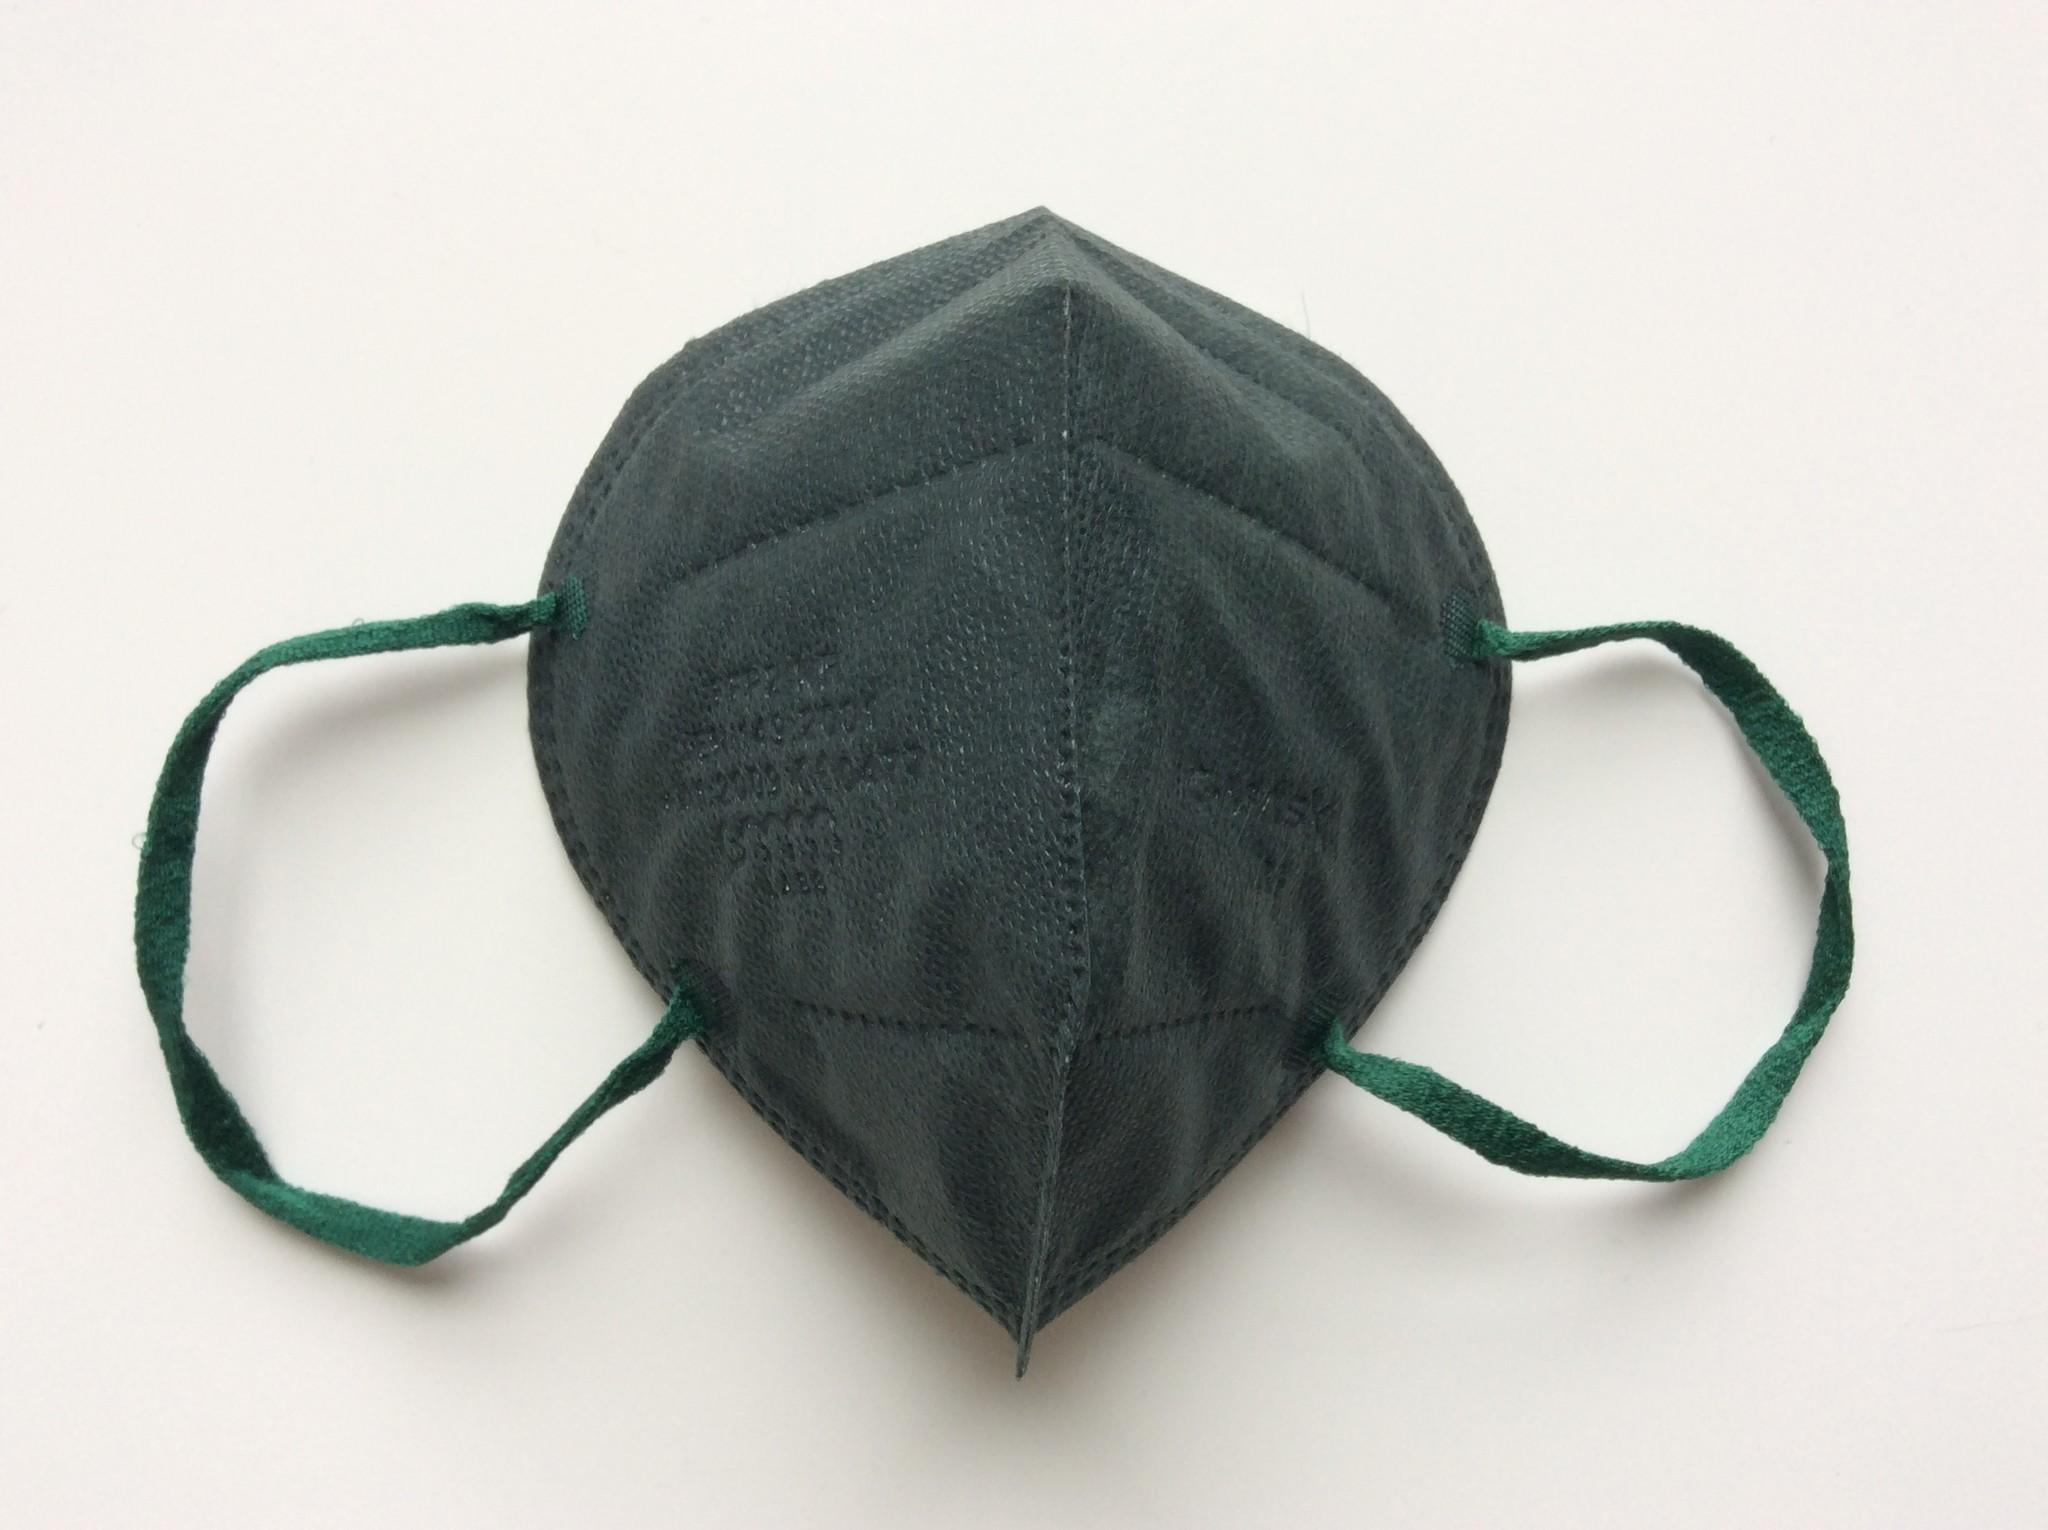 """IG-mask Masque IG """"FFP2"""" - Couleur Vert - 5 pièces (2,99 par pièce)"""